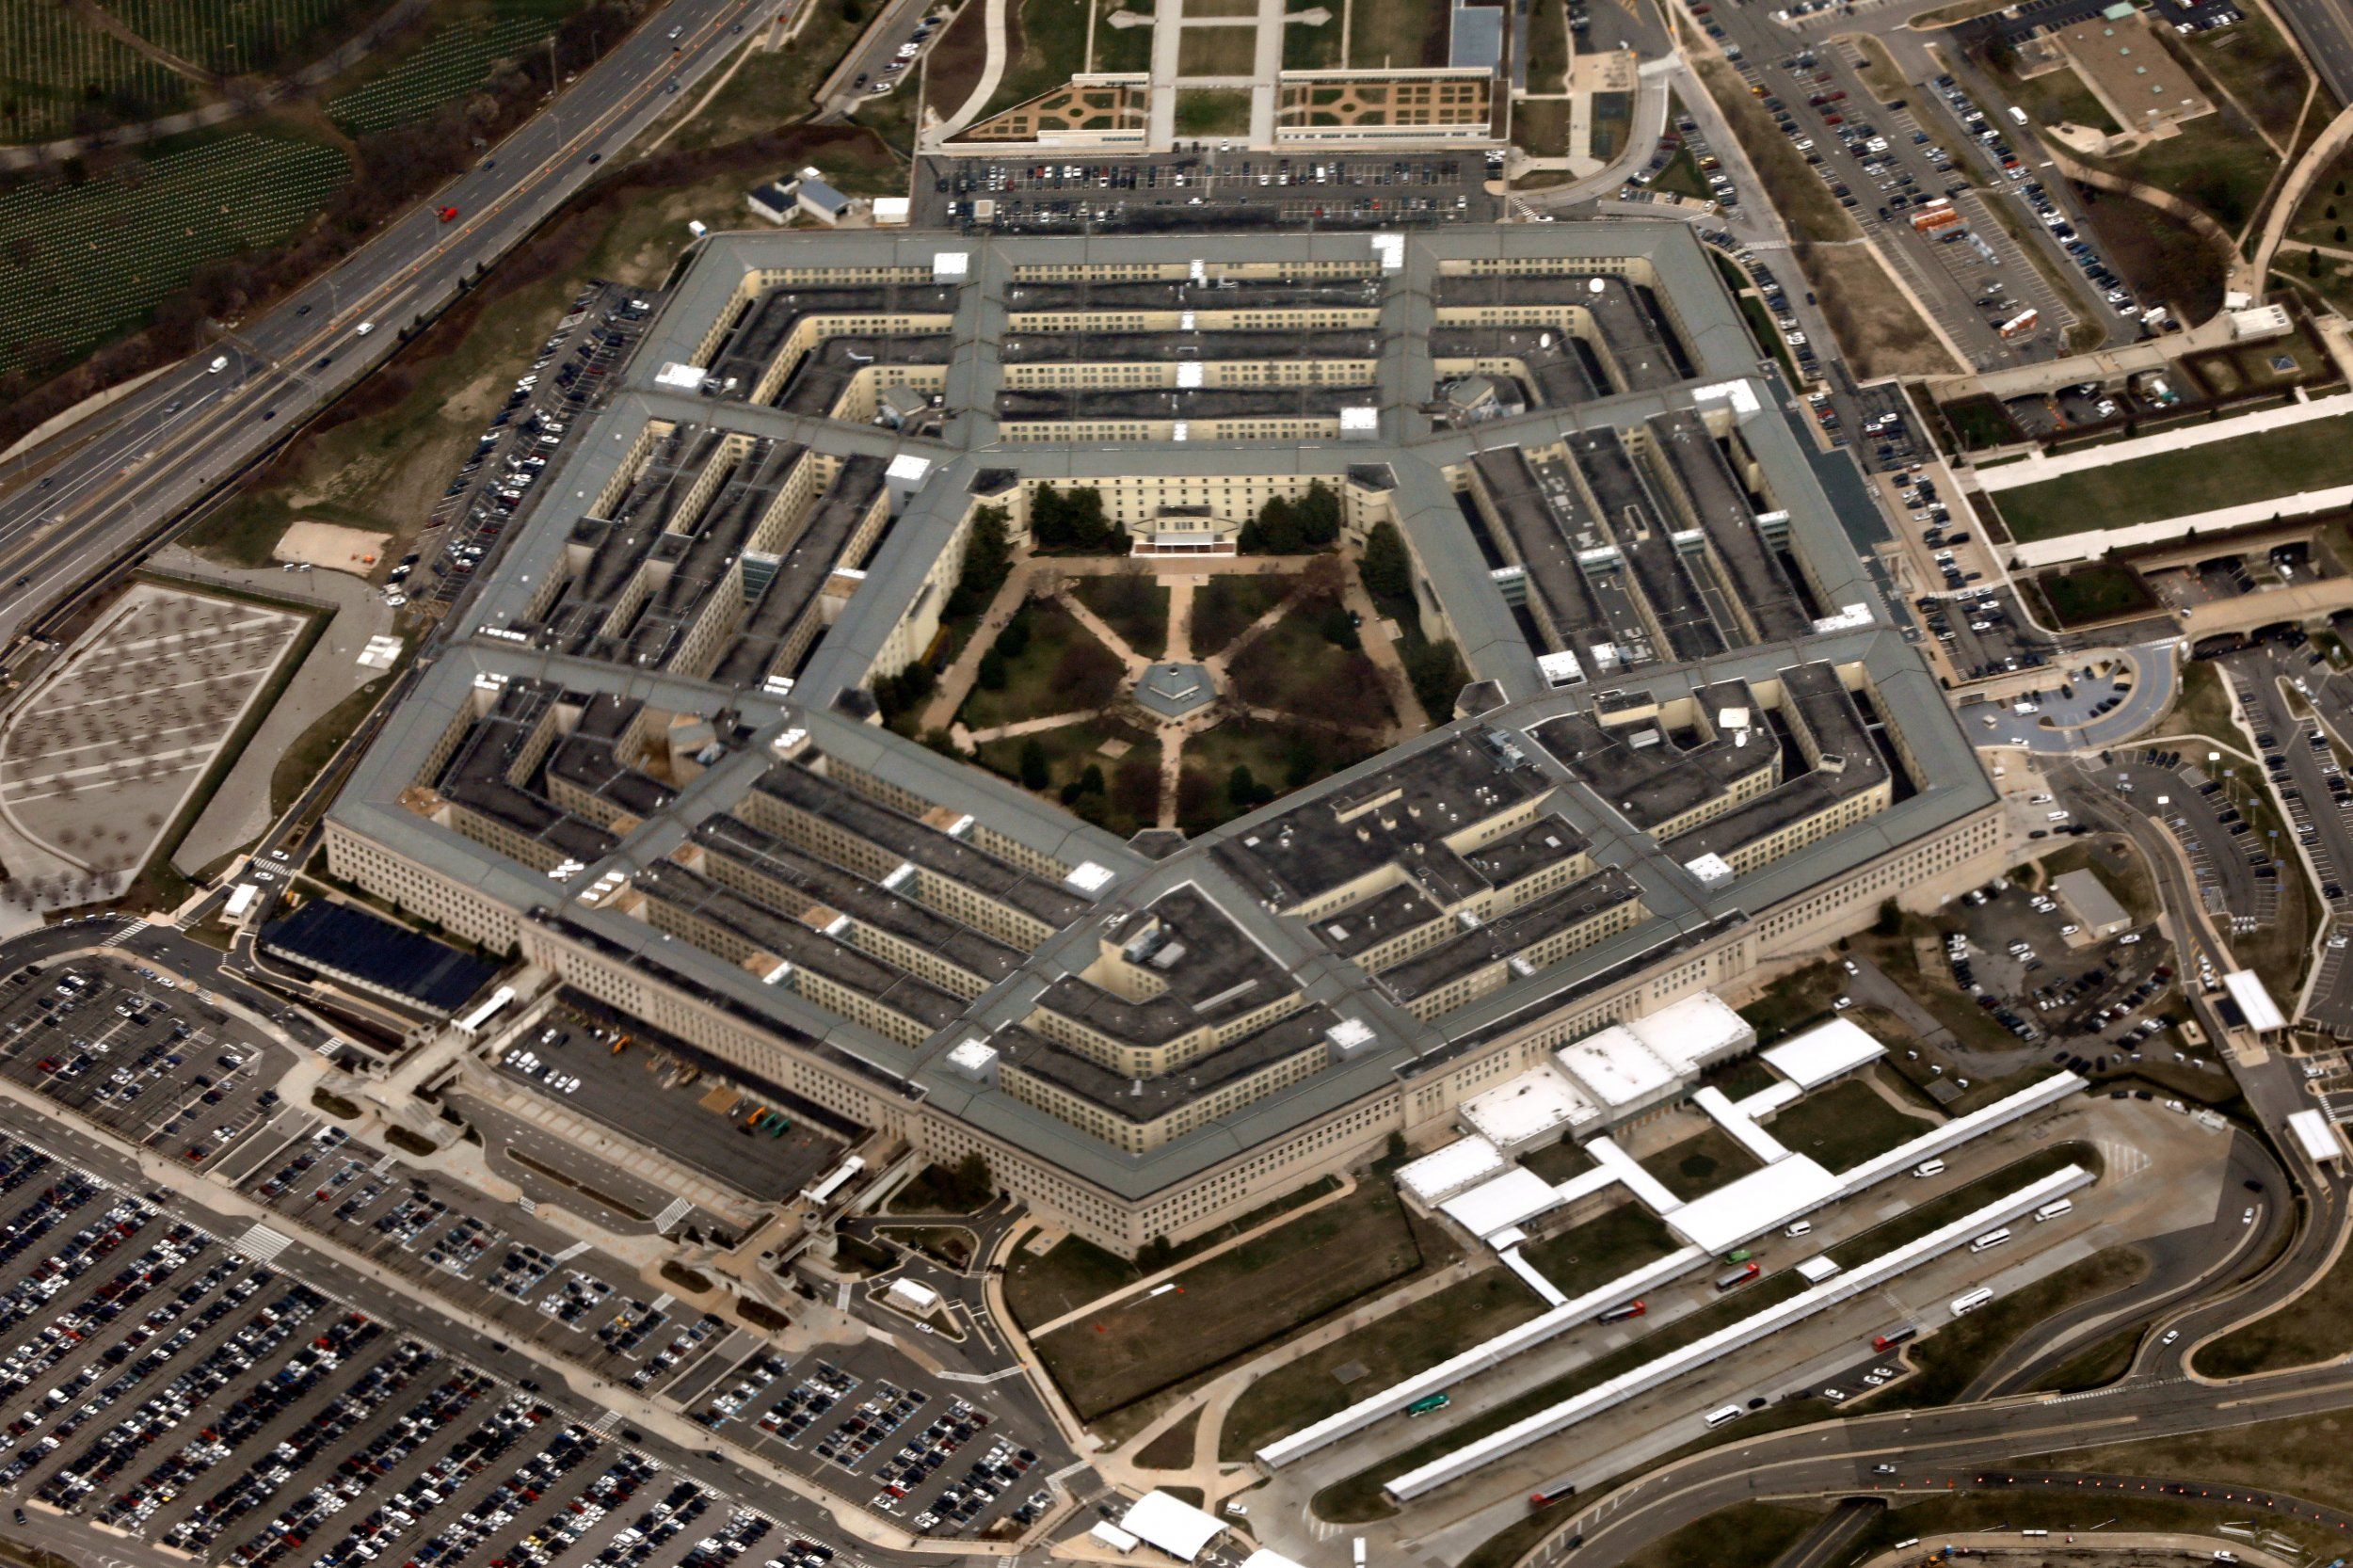 04_04_Pentagon